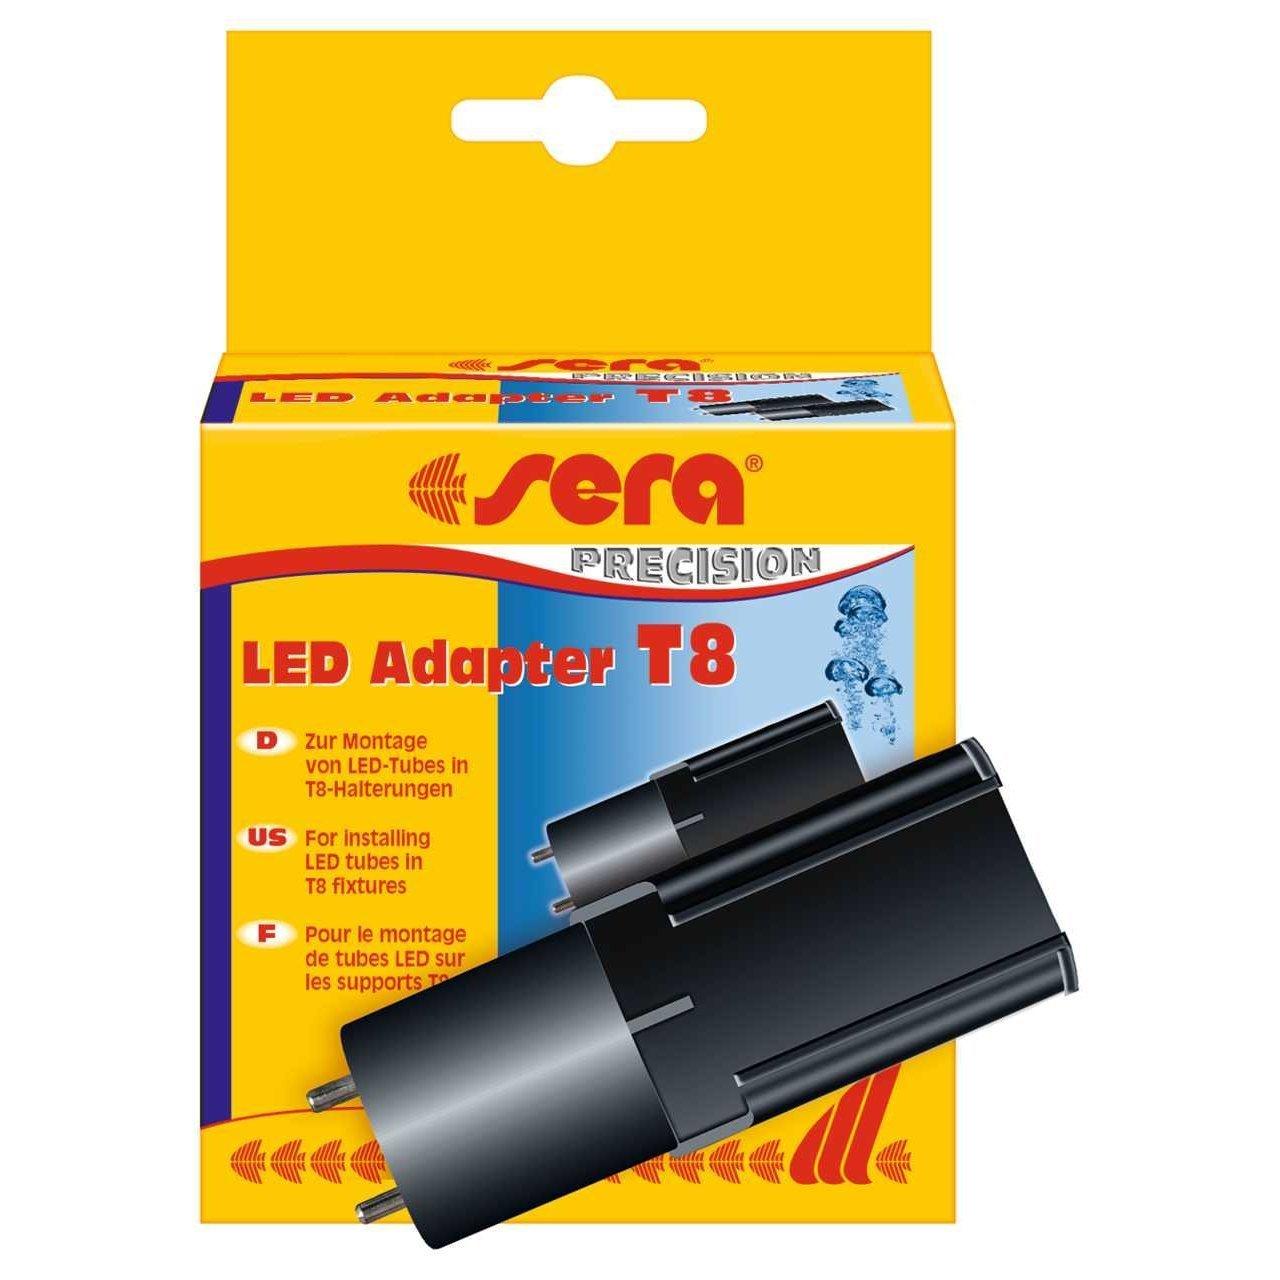 Sera LED X-Change Adapter für T5/T8 Leuchtstoffröhren, Bild 2